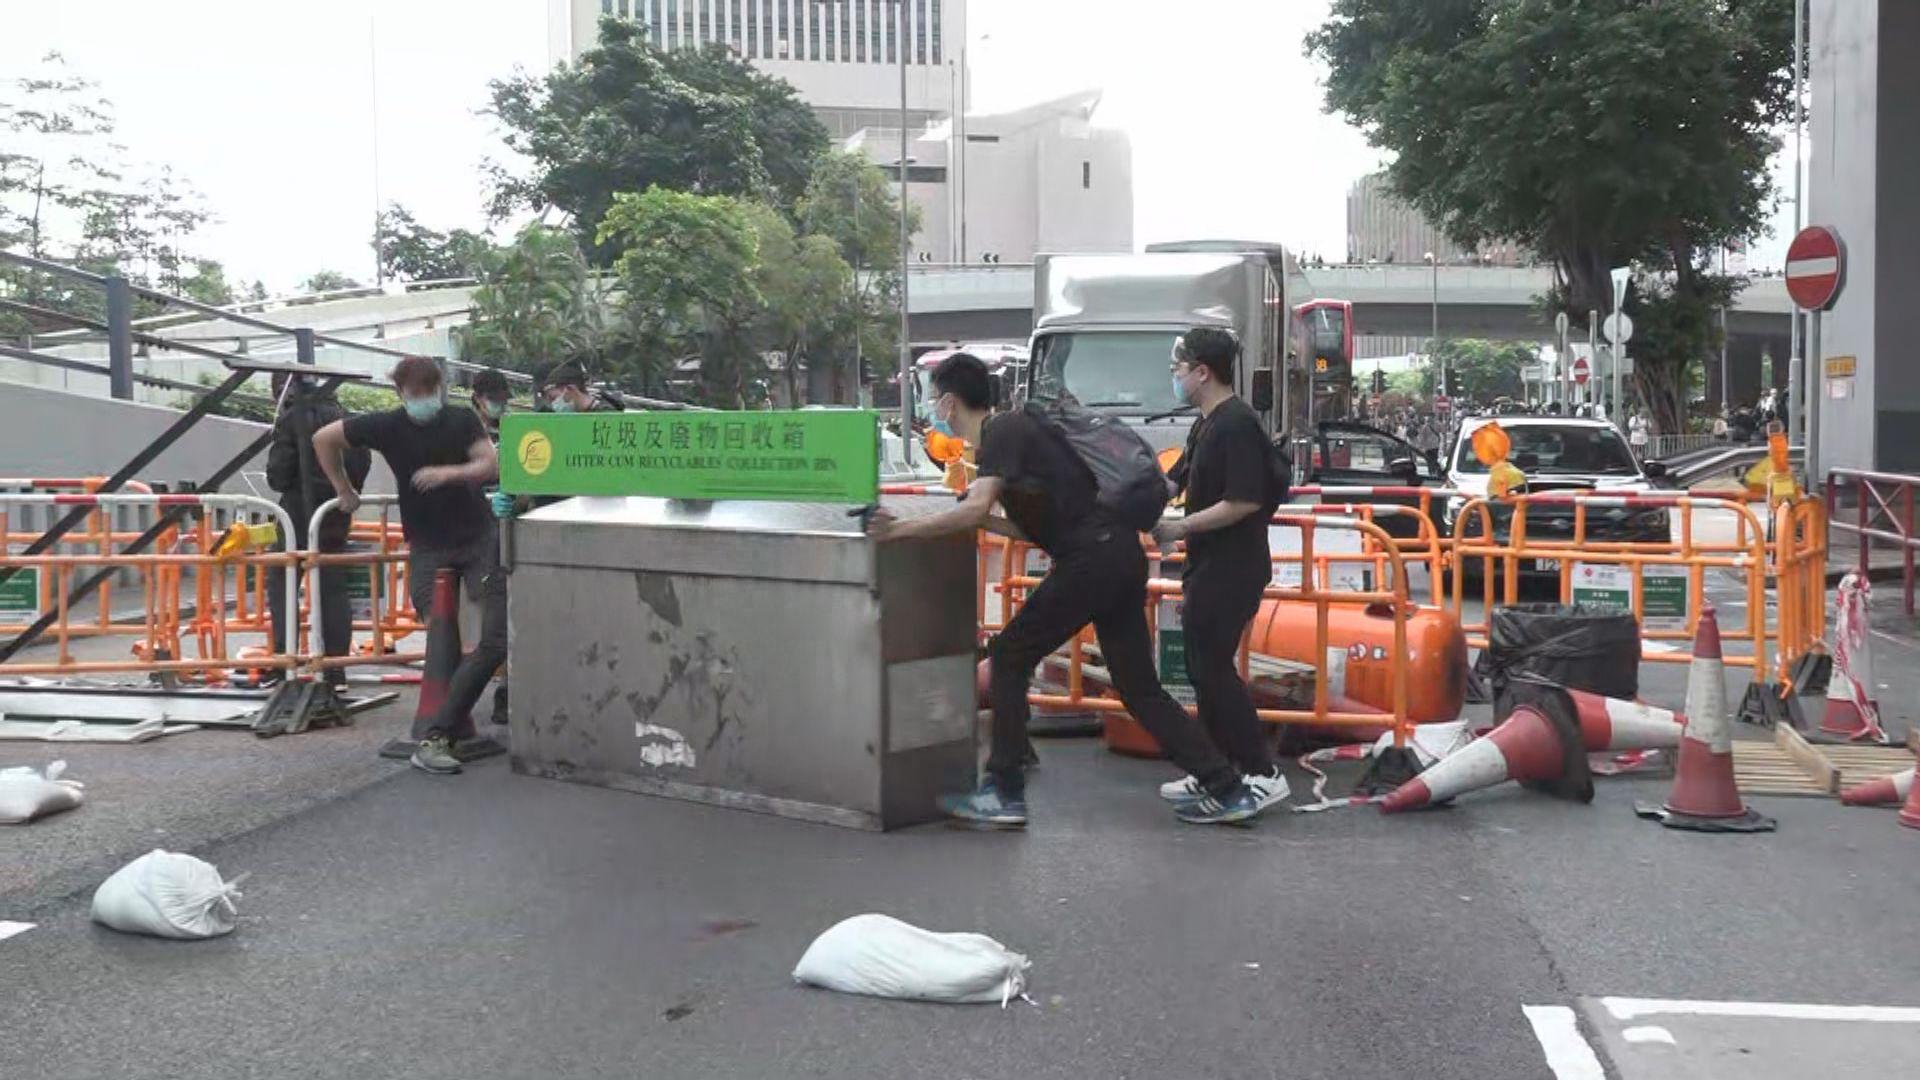 示威者佔據金鐘多條行車路 有司機批如暴亂